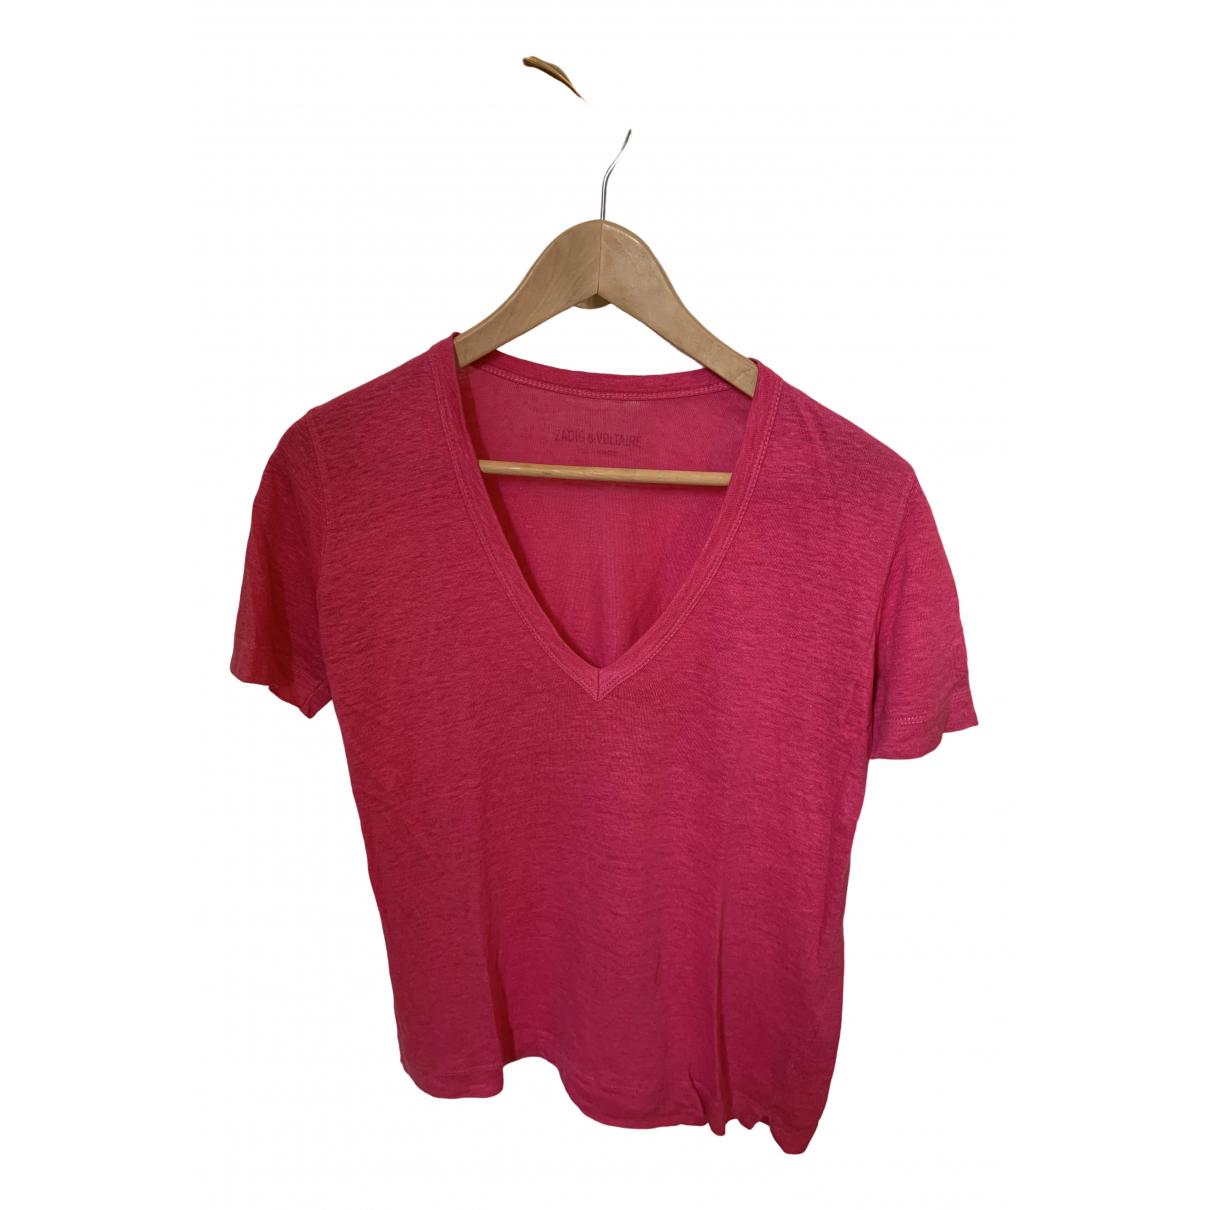 Zadig & Voltaire \N Pink Linen  top for Women M International